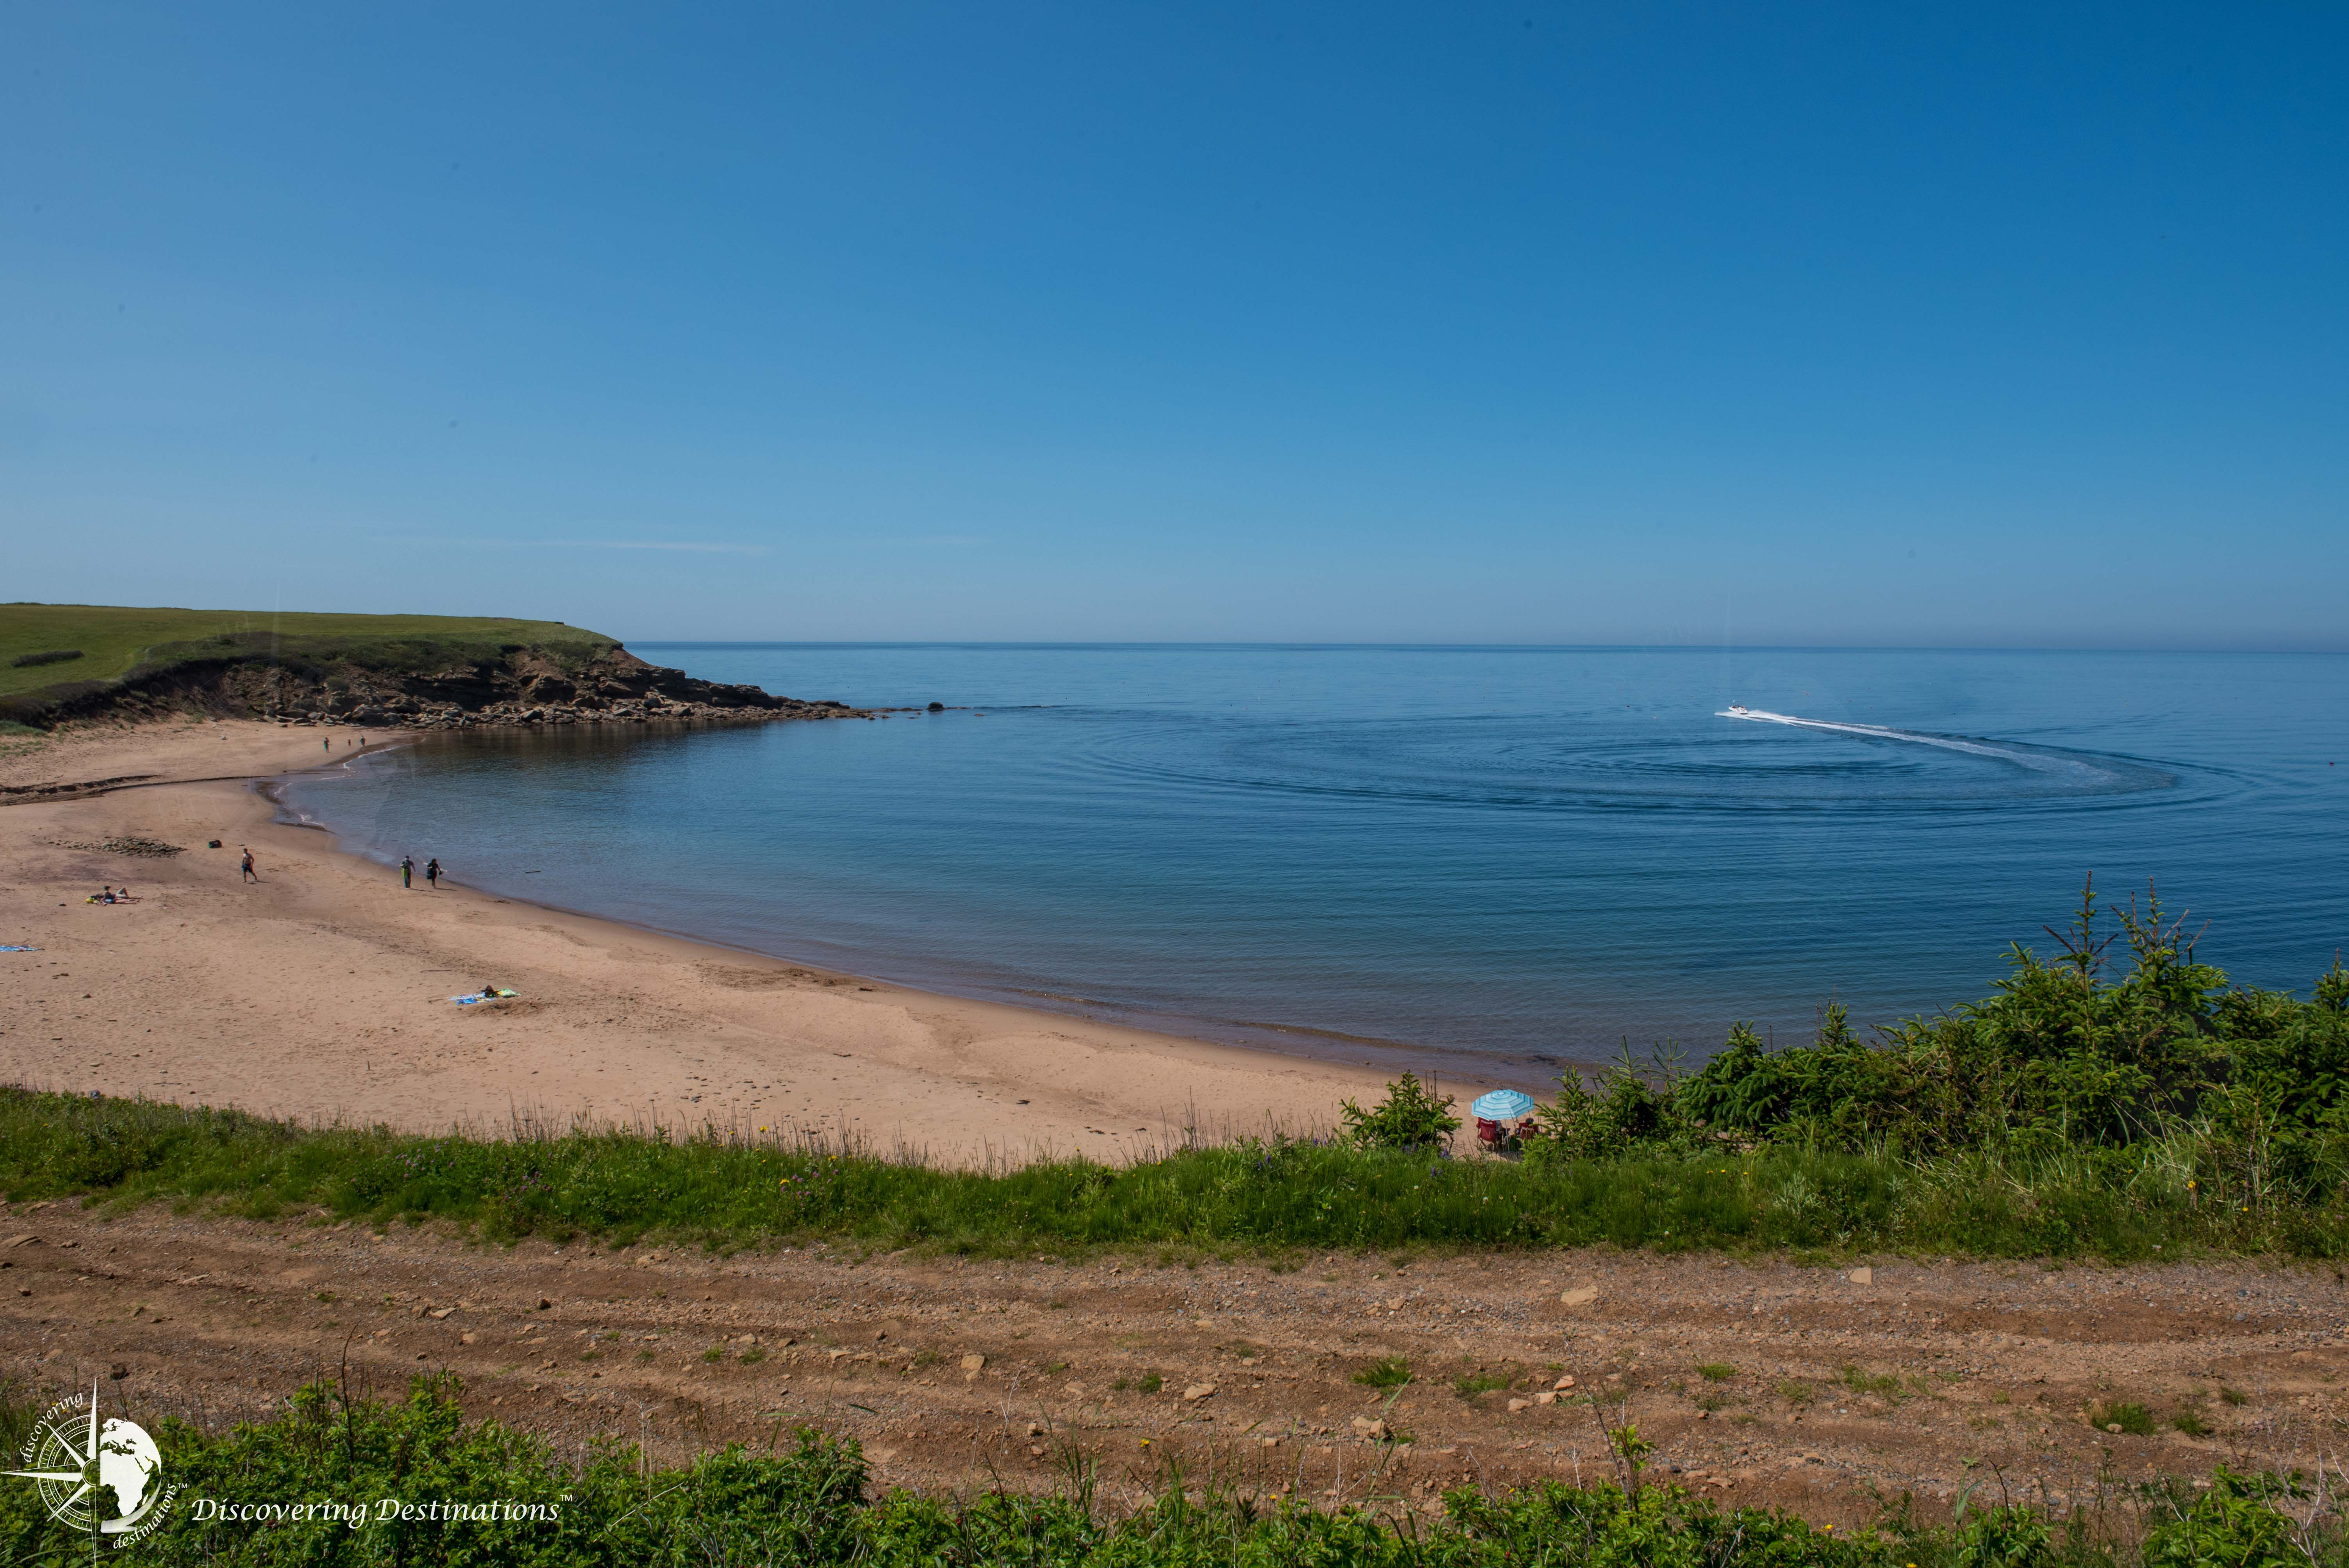 Northern beach